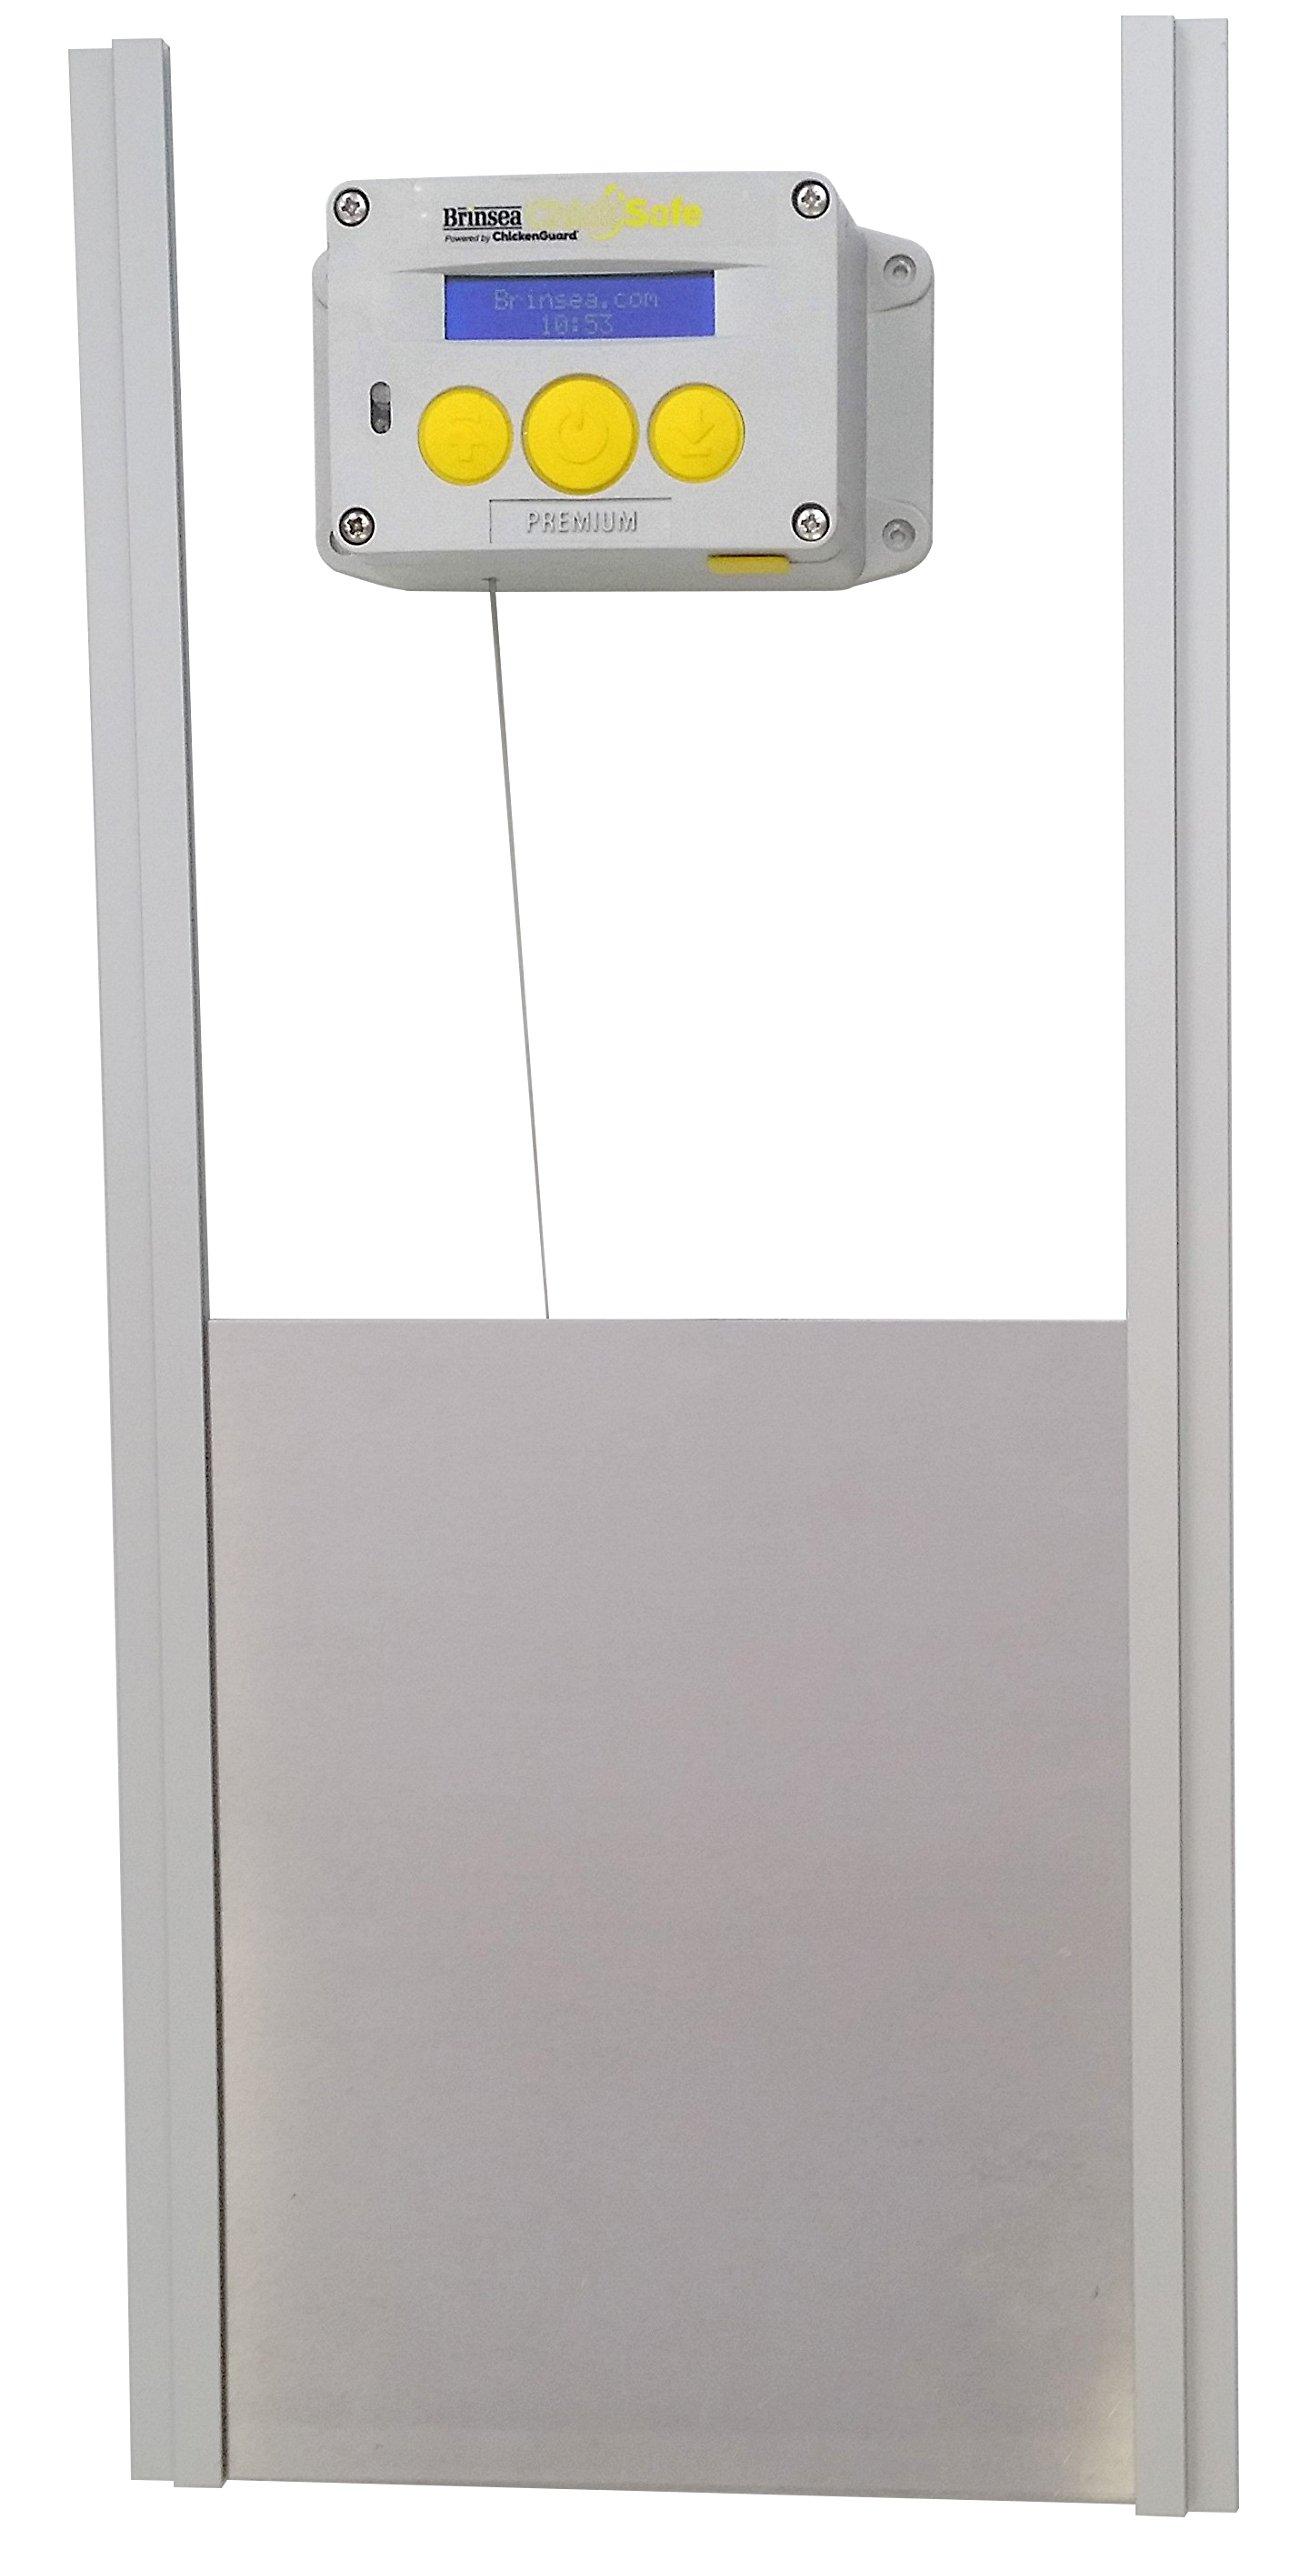 Brinsea Products Chick Safe Premium Automatic Chicken Coop Door Opener and Door Kit, Grey/Yellow